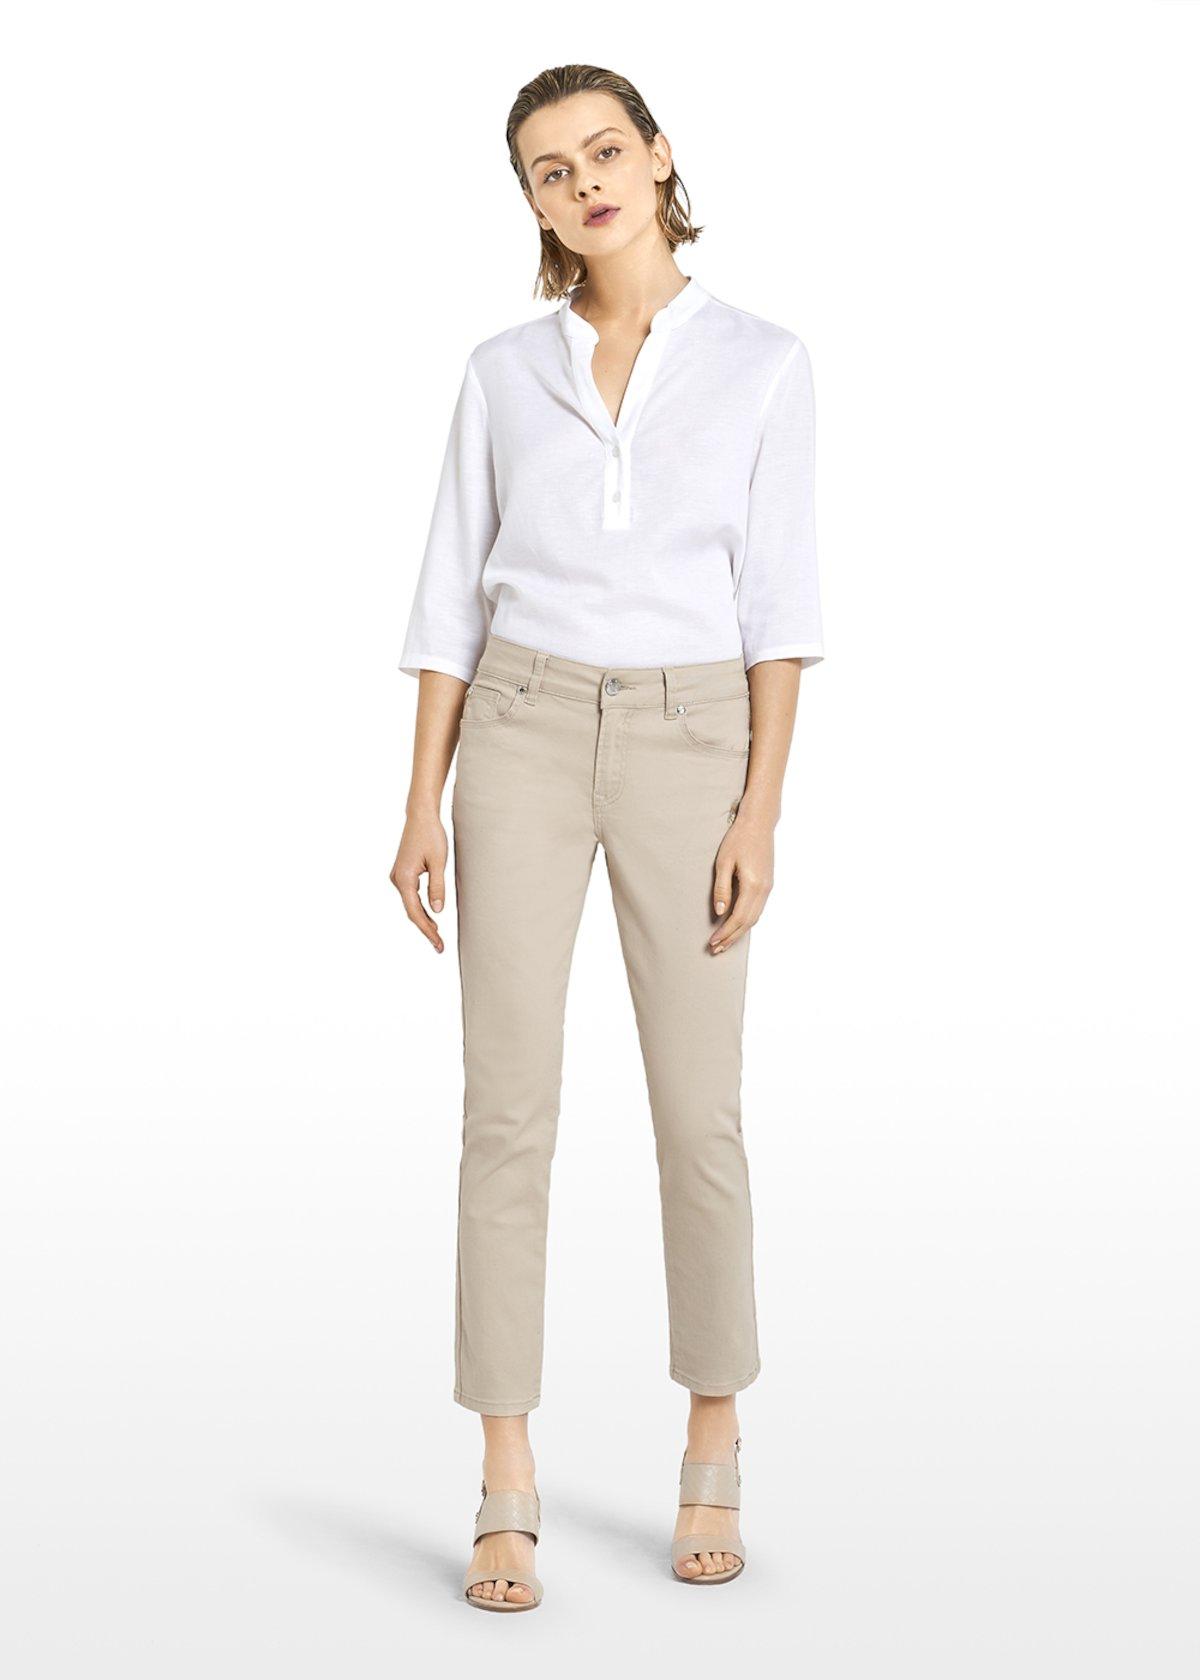 Pantaloni Paky con ricamo in tono - Light Beige - Donna